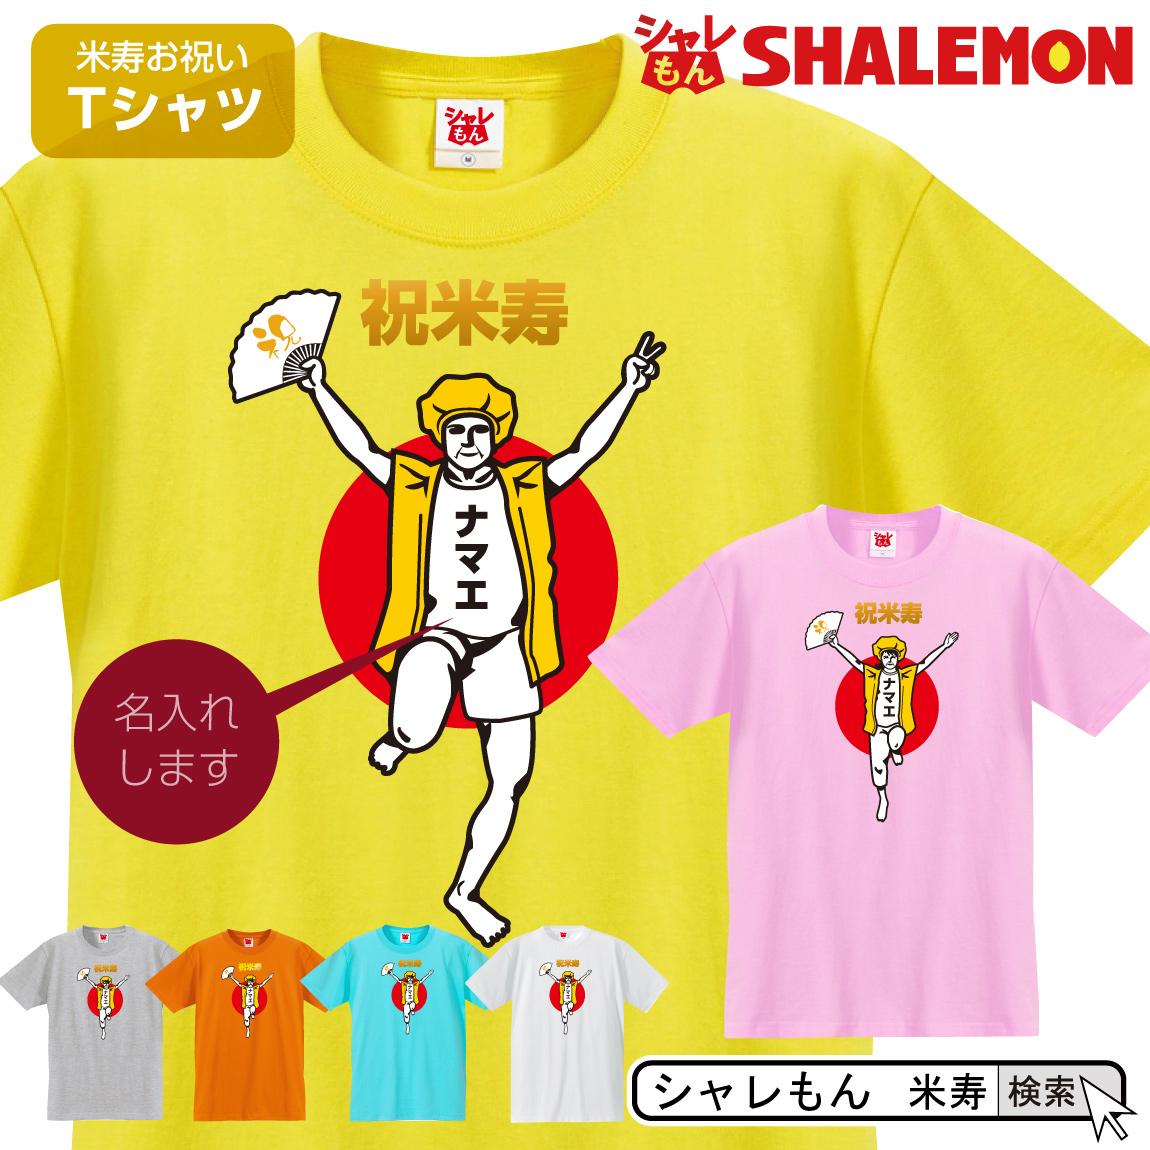 米寿 名入れ 88歳 米寿お祝い tシャツ 【米寿バンザイ 】 おもしろ 黄 プレゼント 長寿祝い ちゃんちゃんこ の代わり